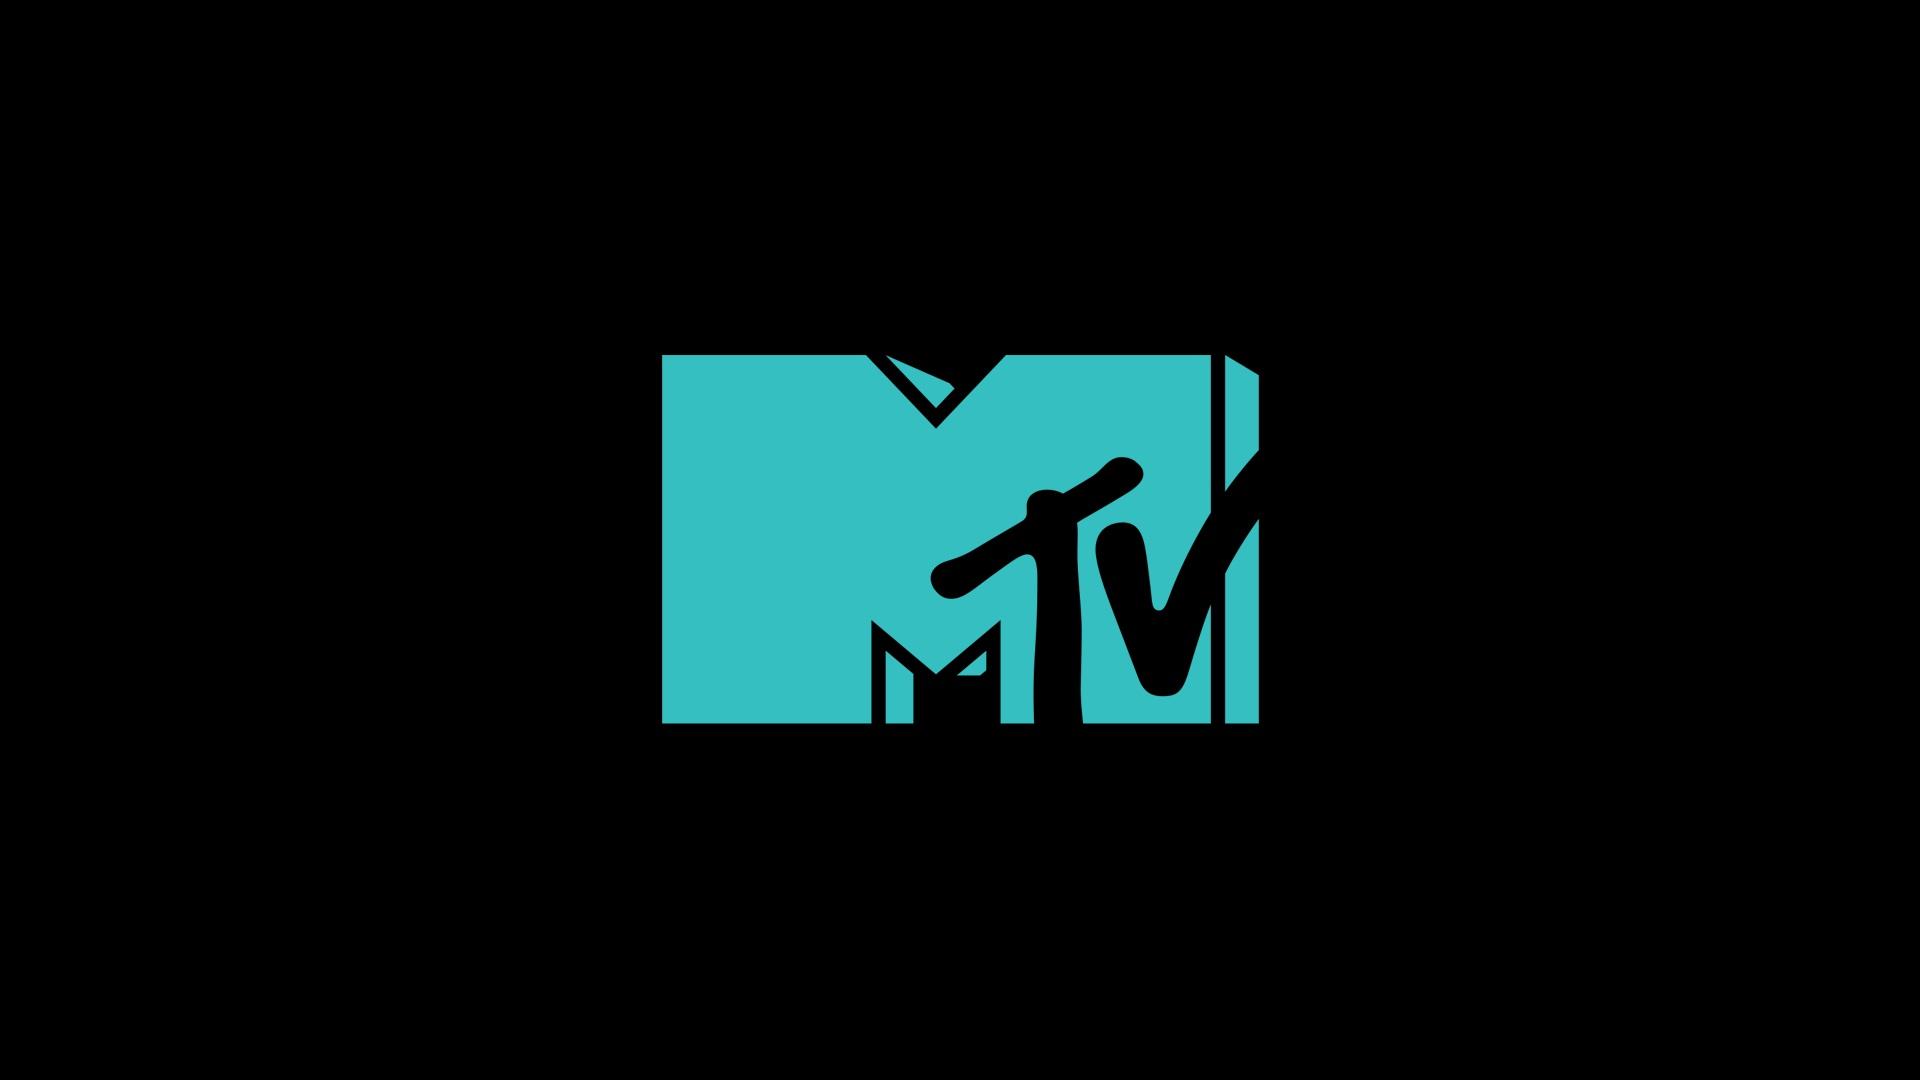 Segna la data degli MTV VMA 2021: si tengono il 12 settembre a New York -  News Mtv Italia